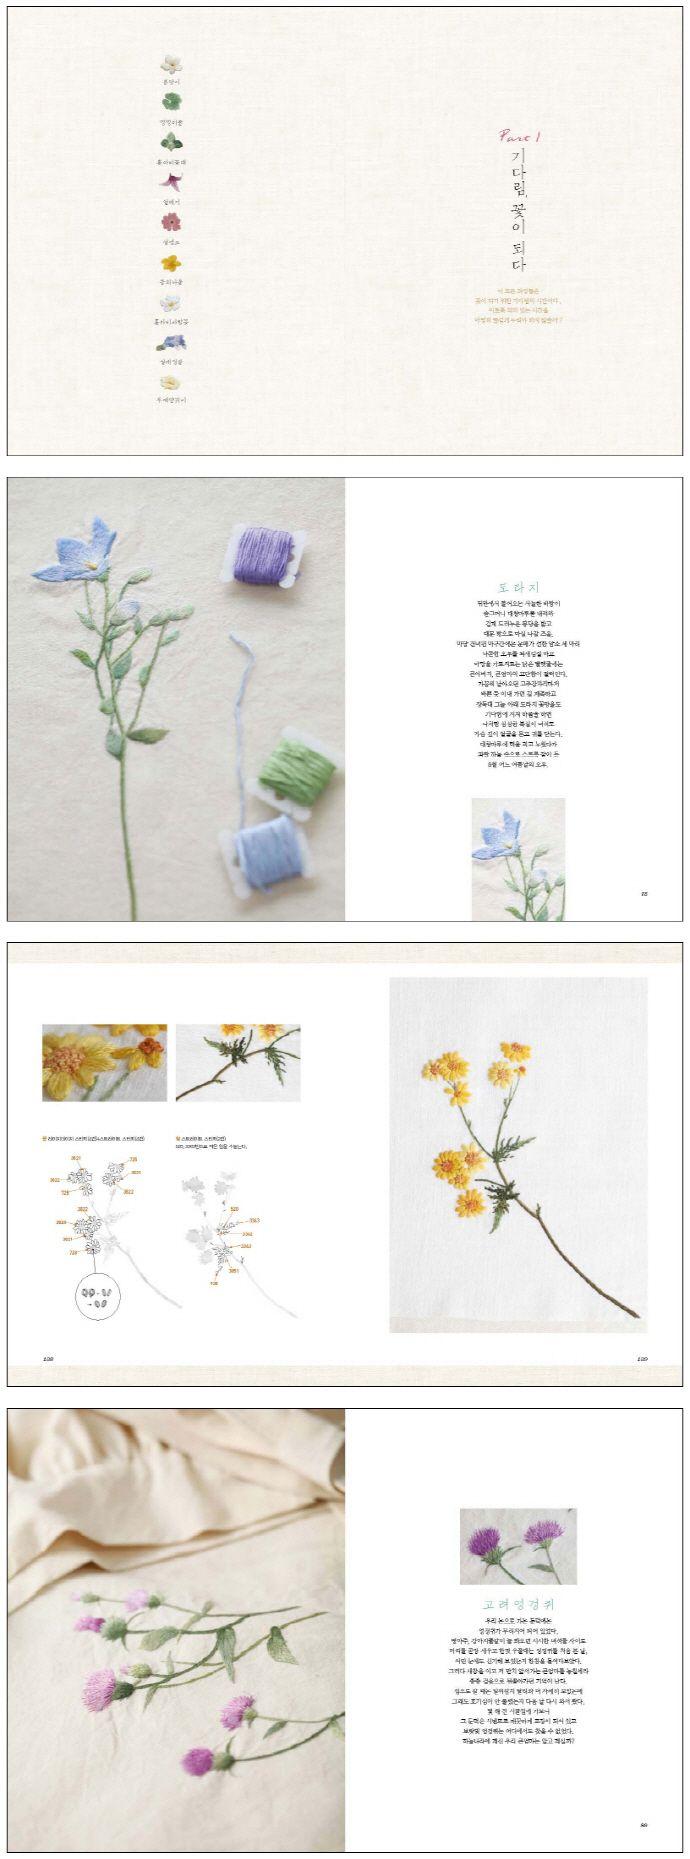 『야생화 자수 우리 꽃을 곁에 두다』는 아름다운 우리의 야생화를 한땀 한땀 수놓는 방법을 안내한 책이다. 재료와 도구, 수놓는 순서, 스티치 방법 등 기본적인 사항을 꼼꼼히 알려주고, 본격적인 야생화 자수에서 각 도안과 수놓기 방법을 그림으로 제공한다. 야생화 자수에 대한 방법뿐만 아니라 잊혀져 가는 우리꽃에 대한 관심을 기울이게 한다.